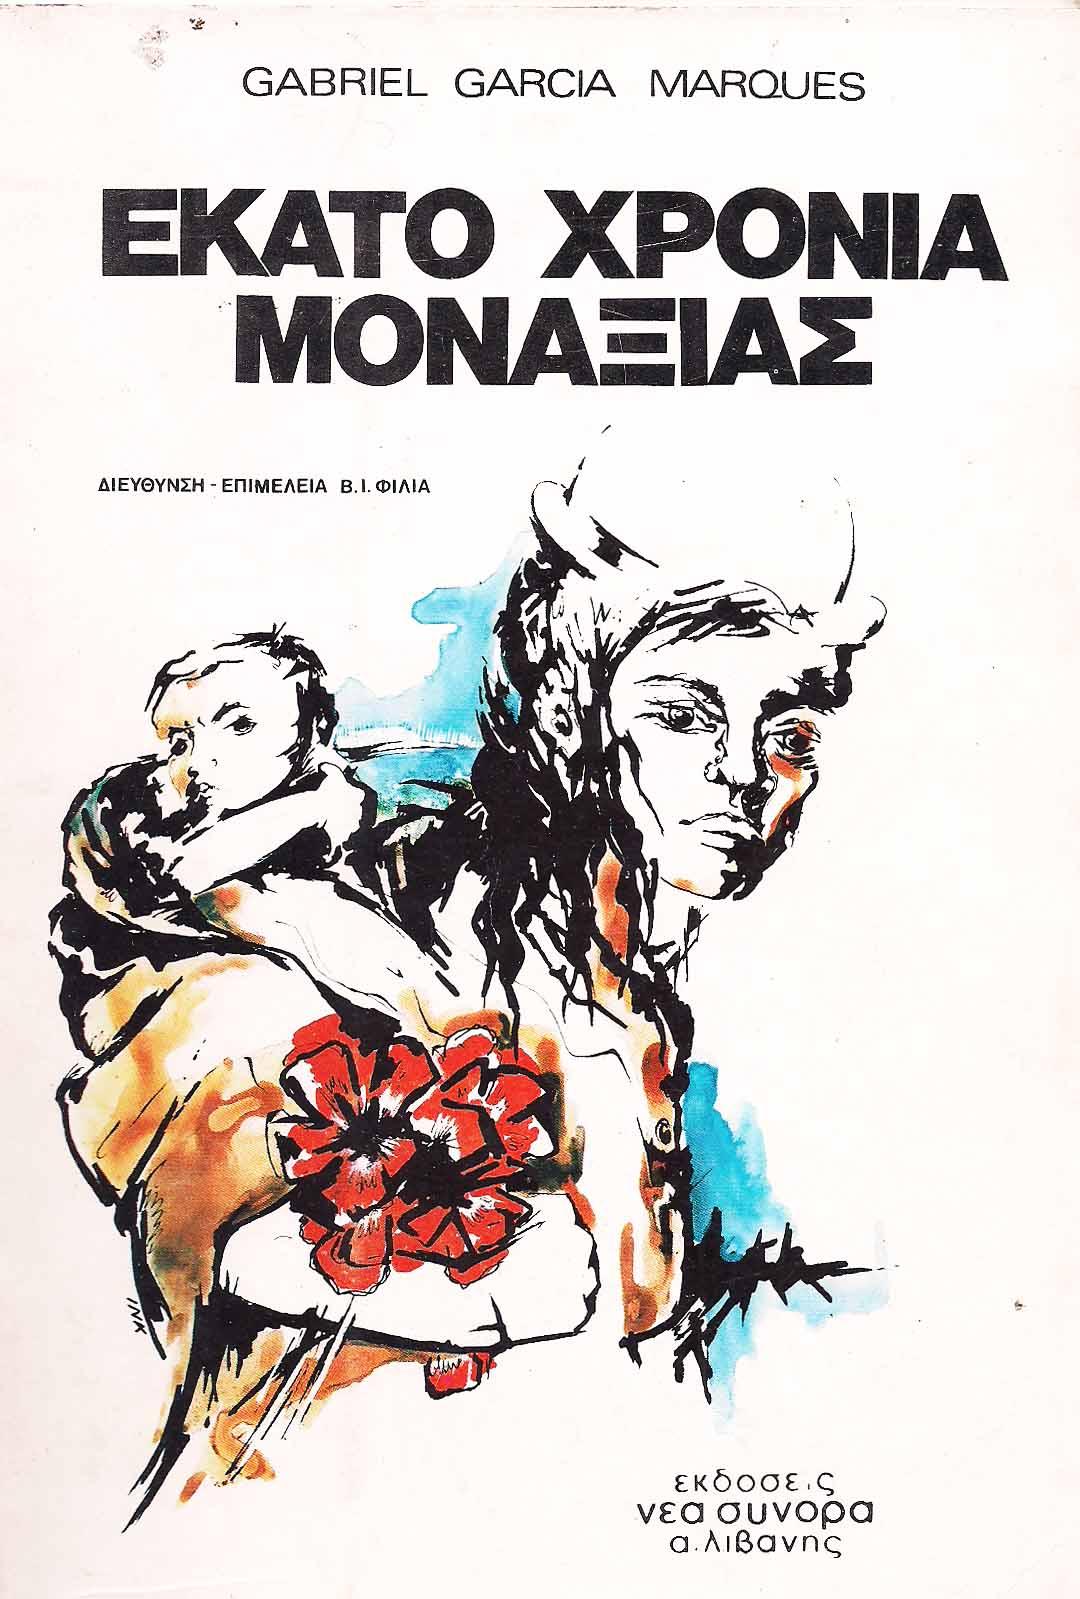 Αποτέλεσμα εικόνας για Εκατο χρονια μοναξιας federico garcia marquez